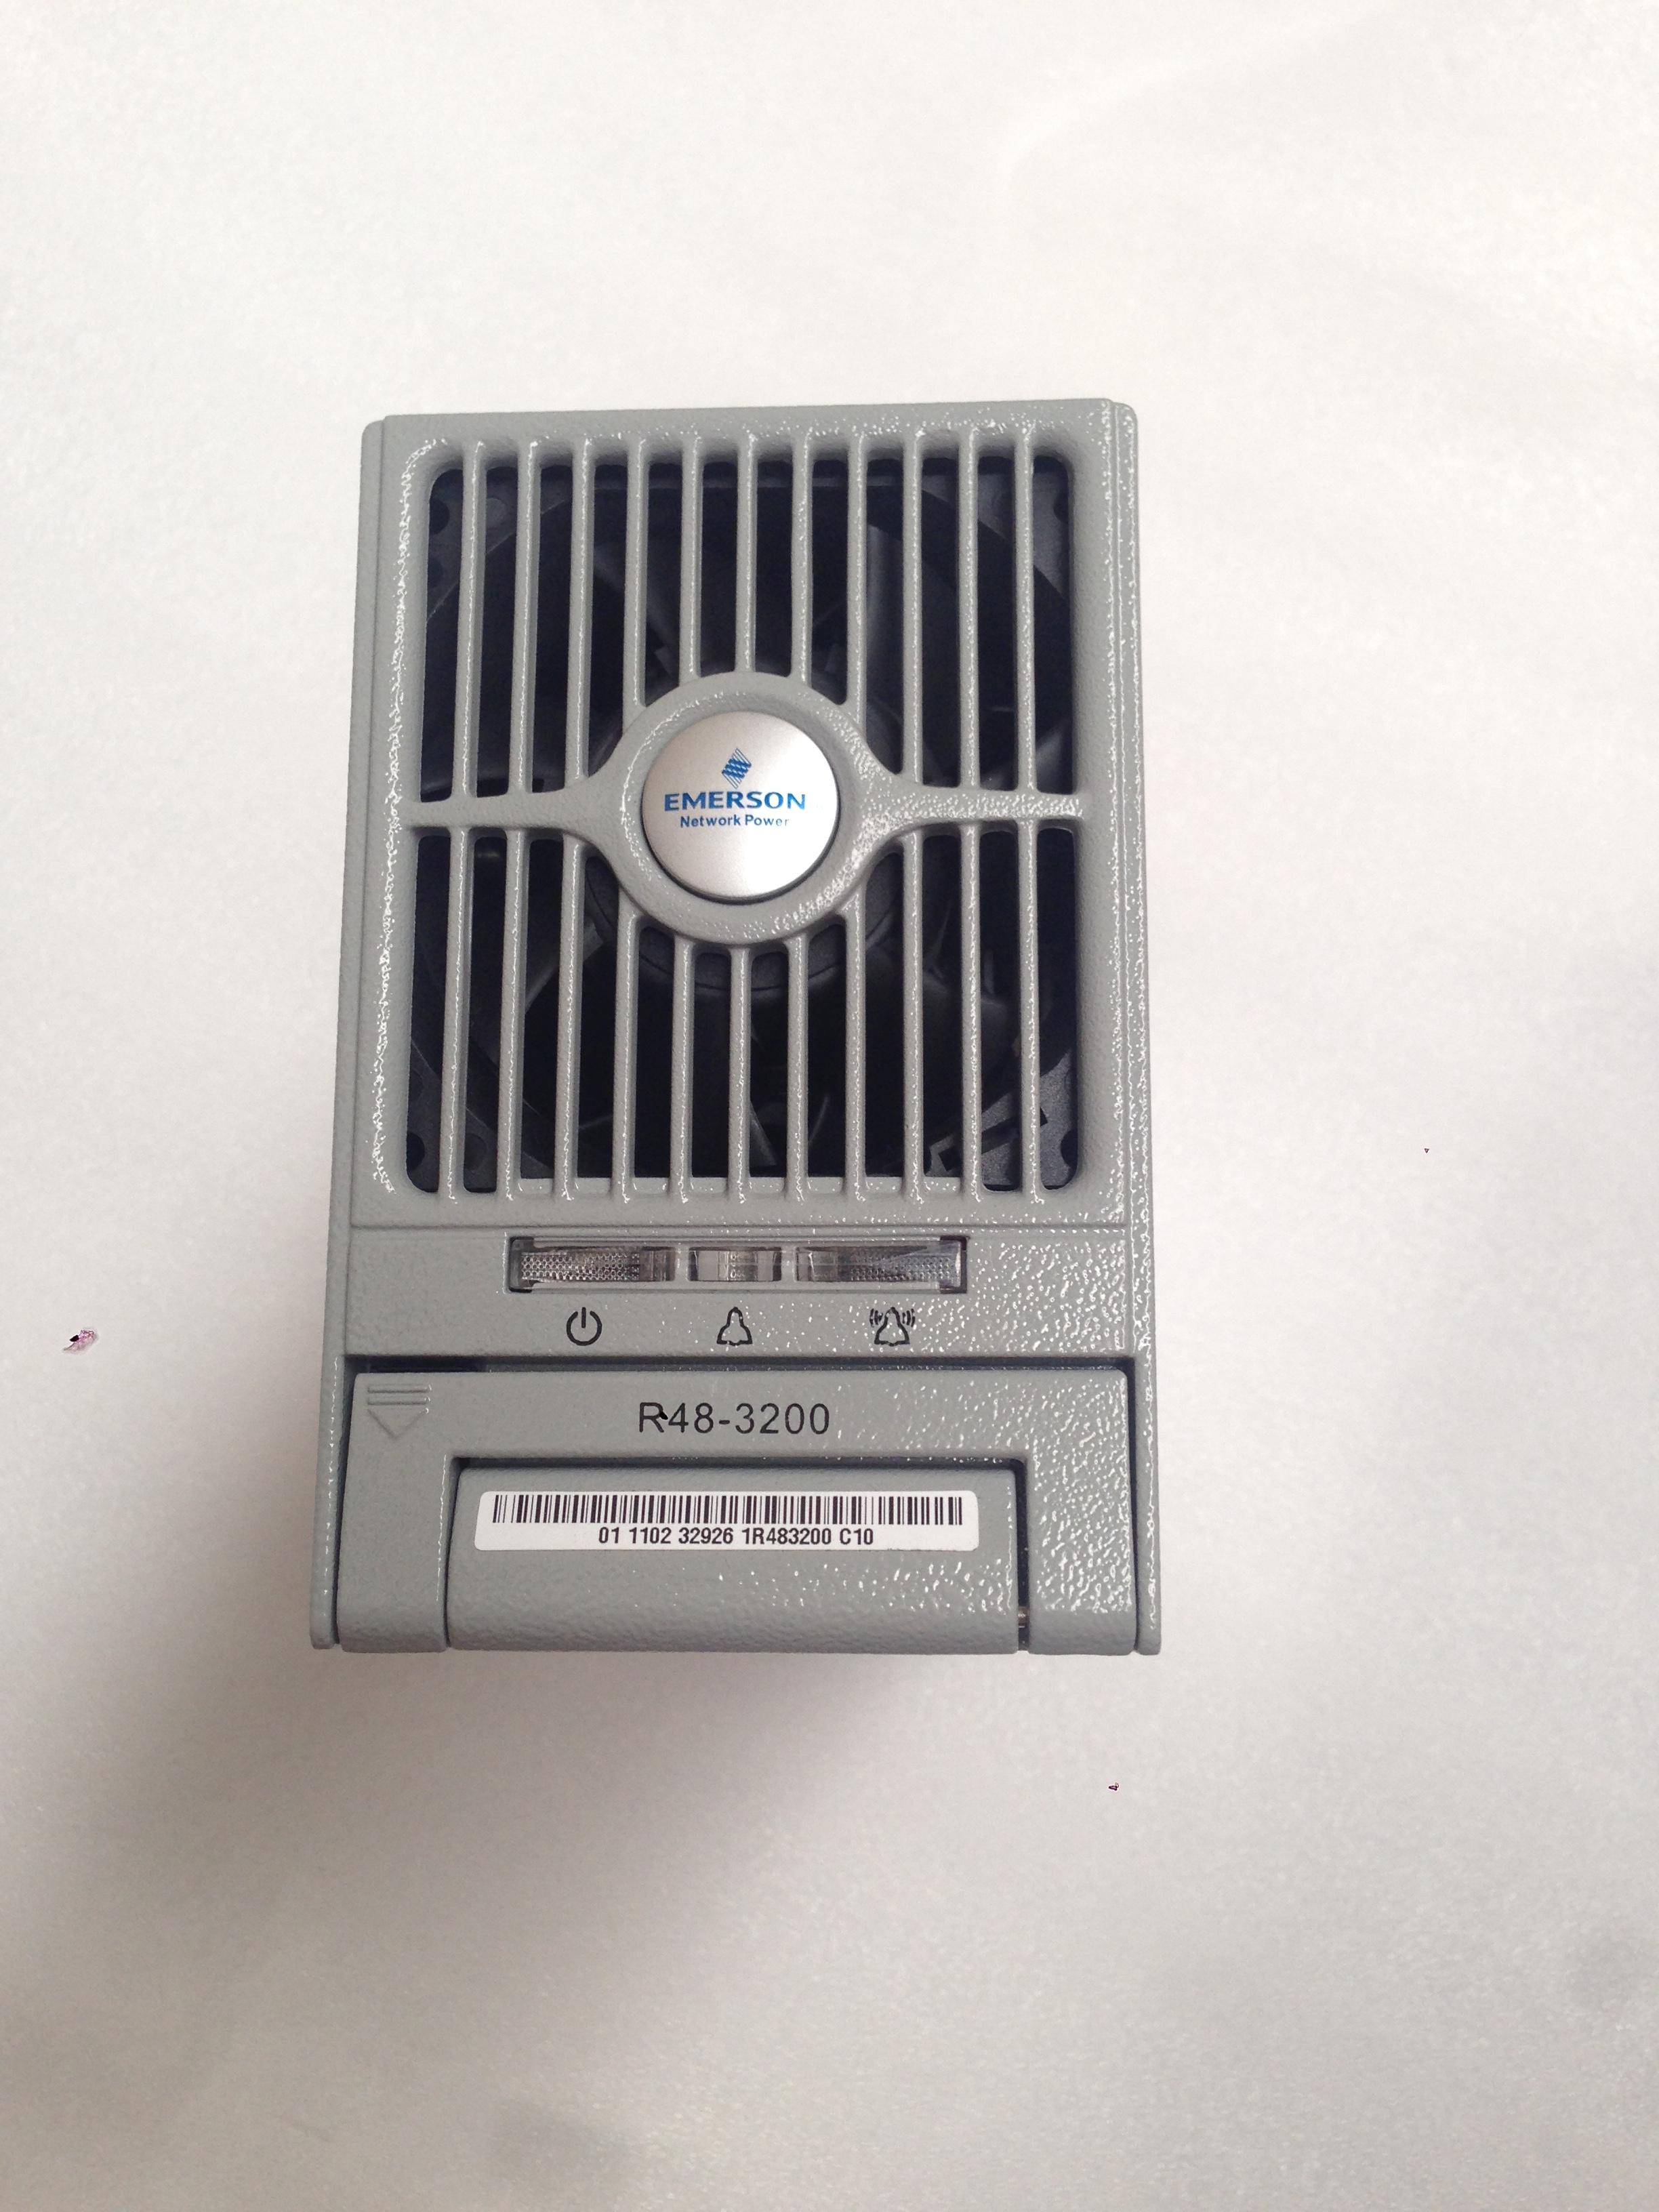 Emerson R48-3200, Emerson Power Module